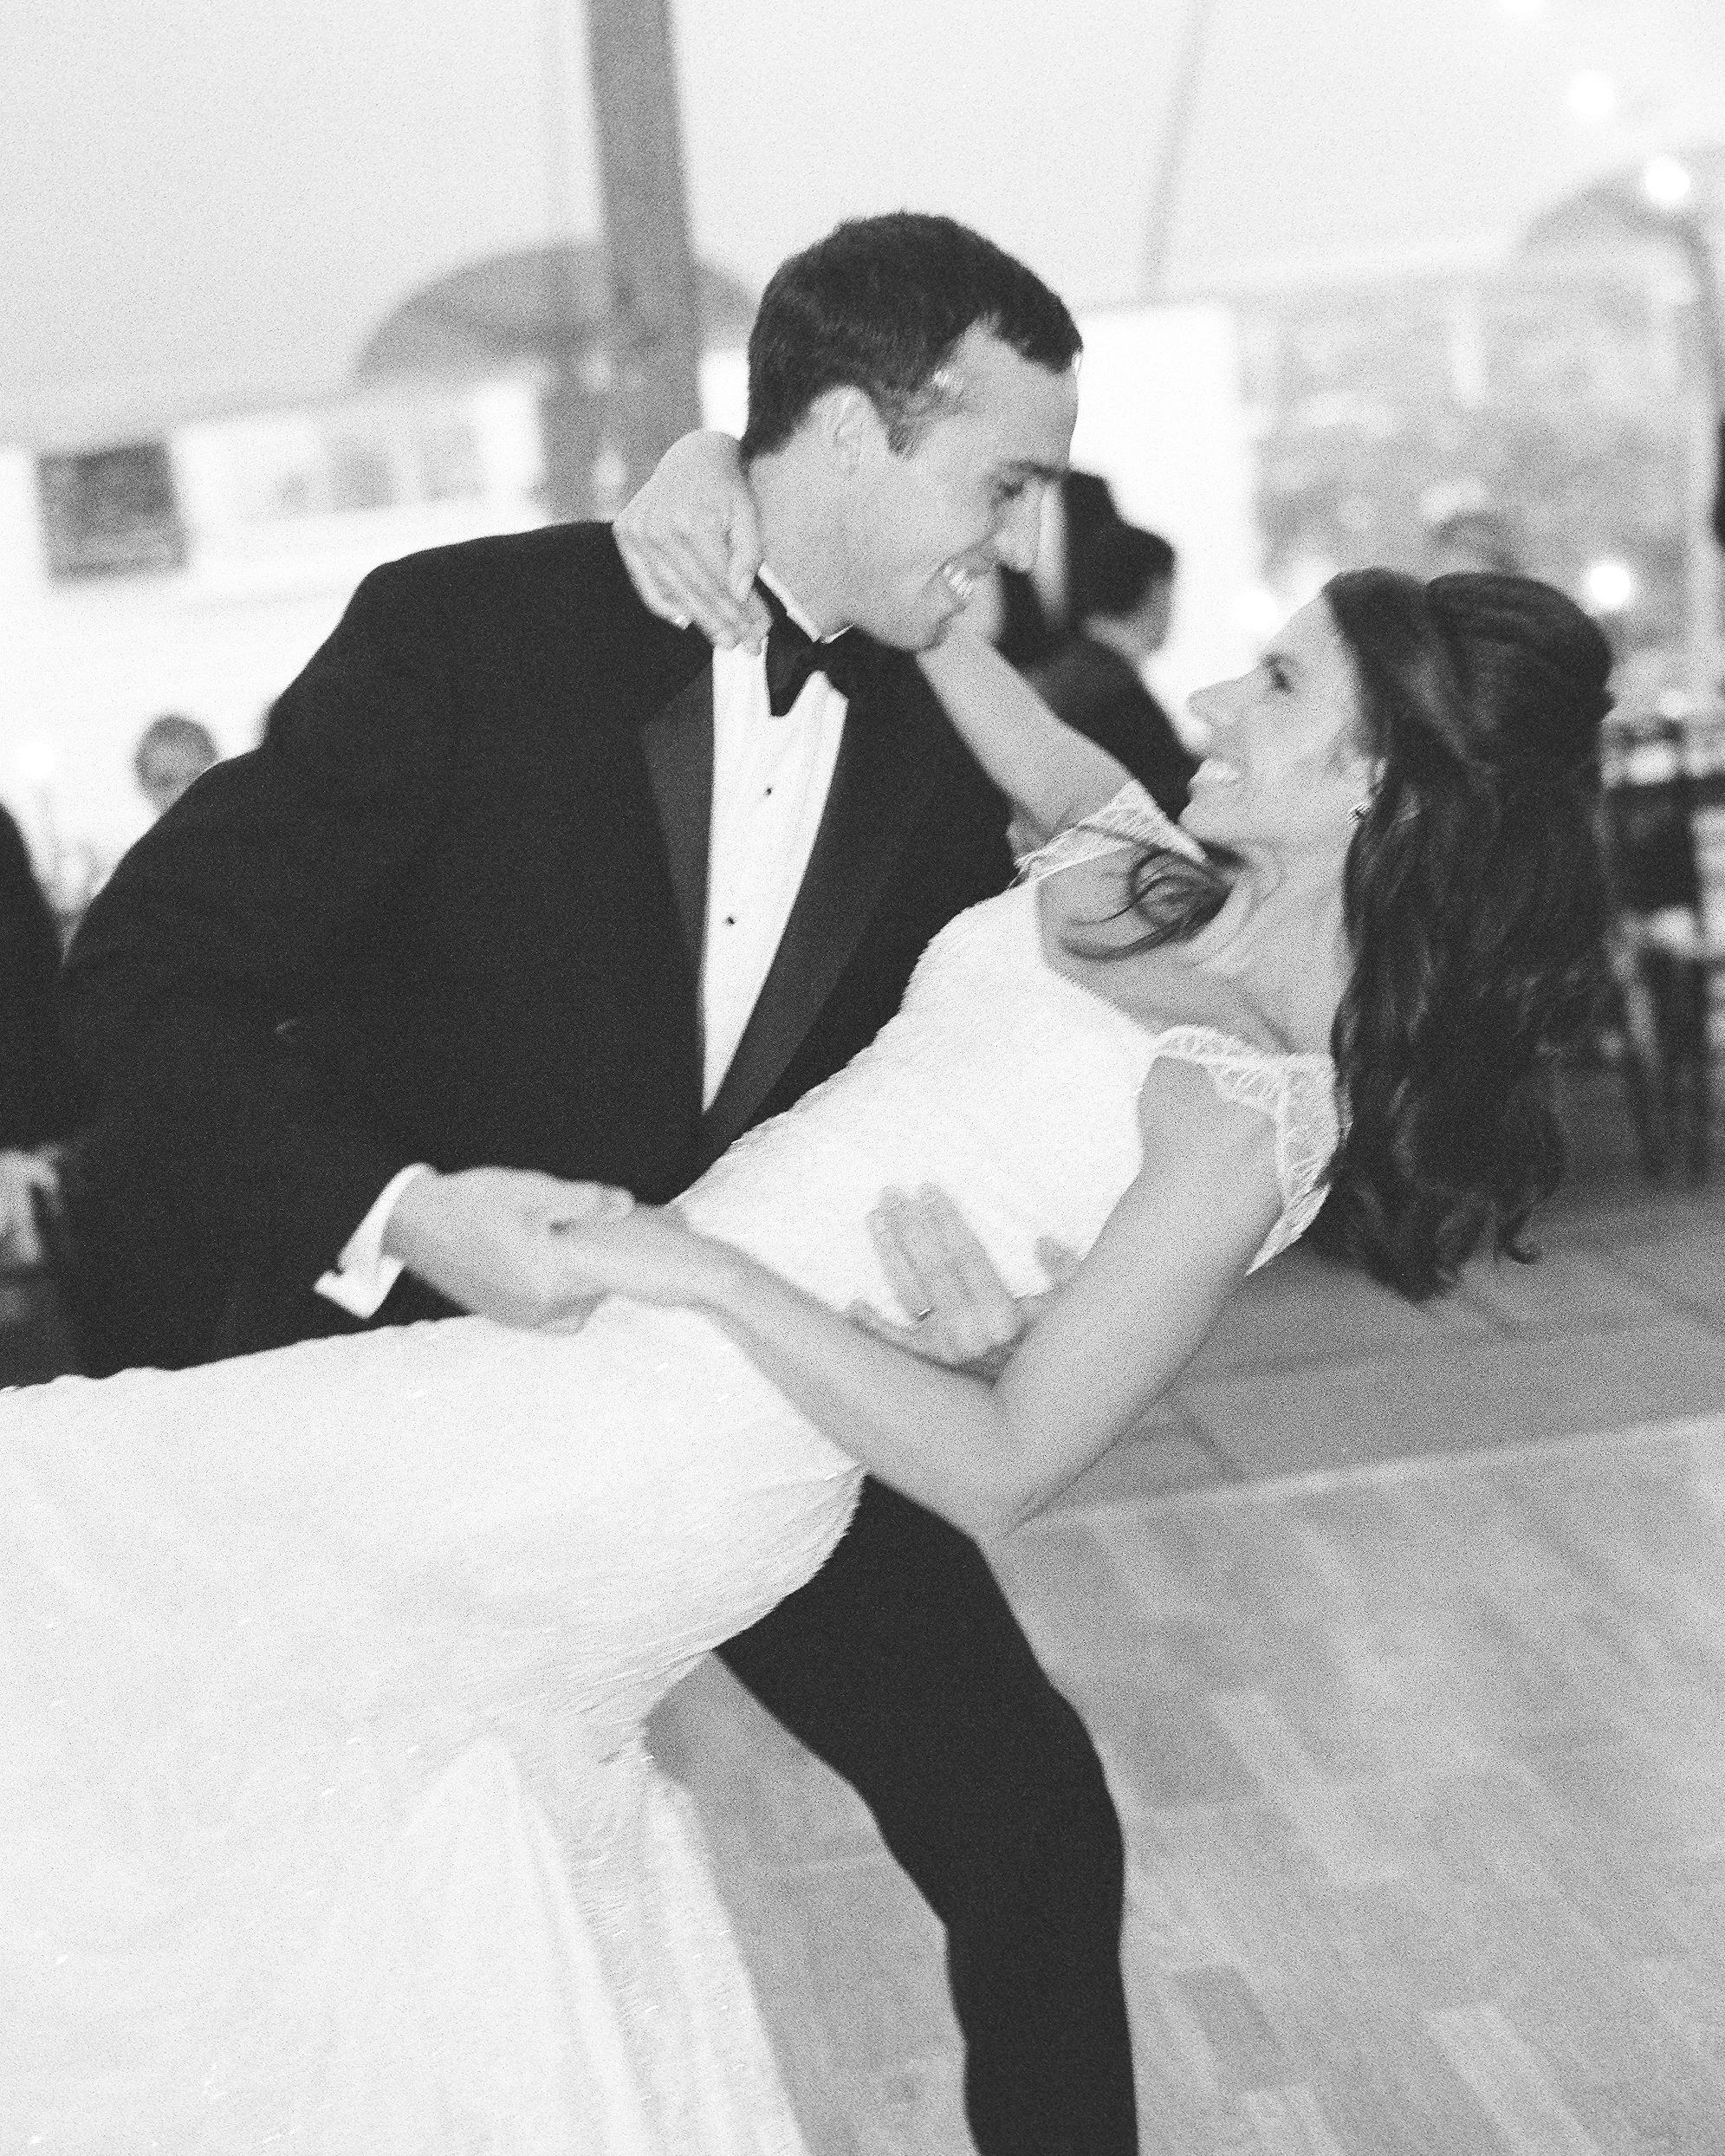 lindsay-garrett-wedding-dance-0949-s111850-0415.jpg